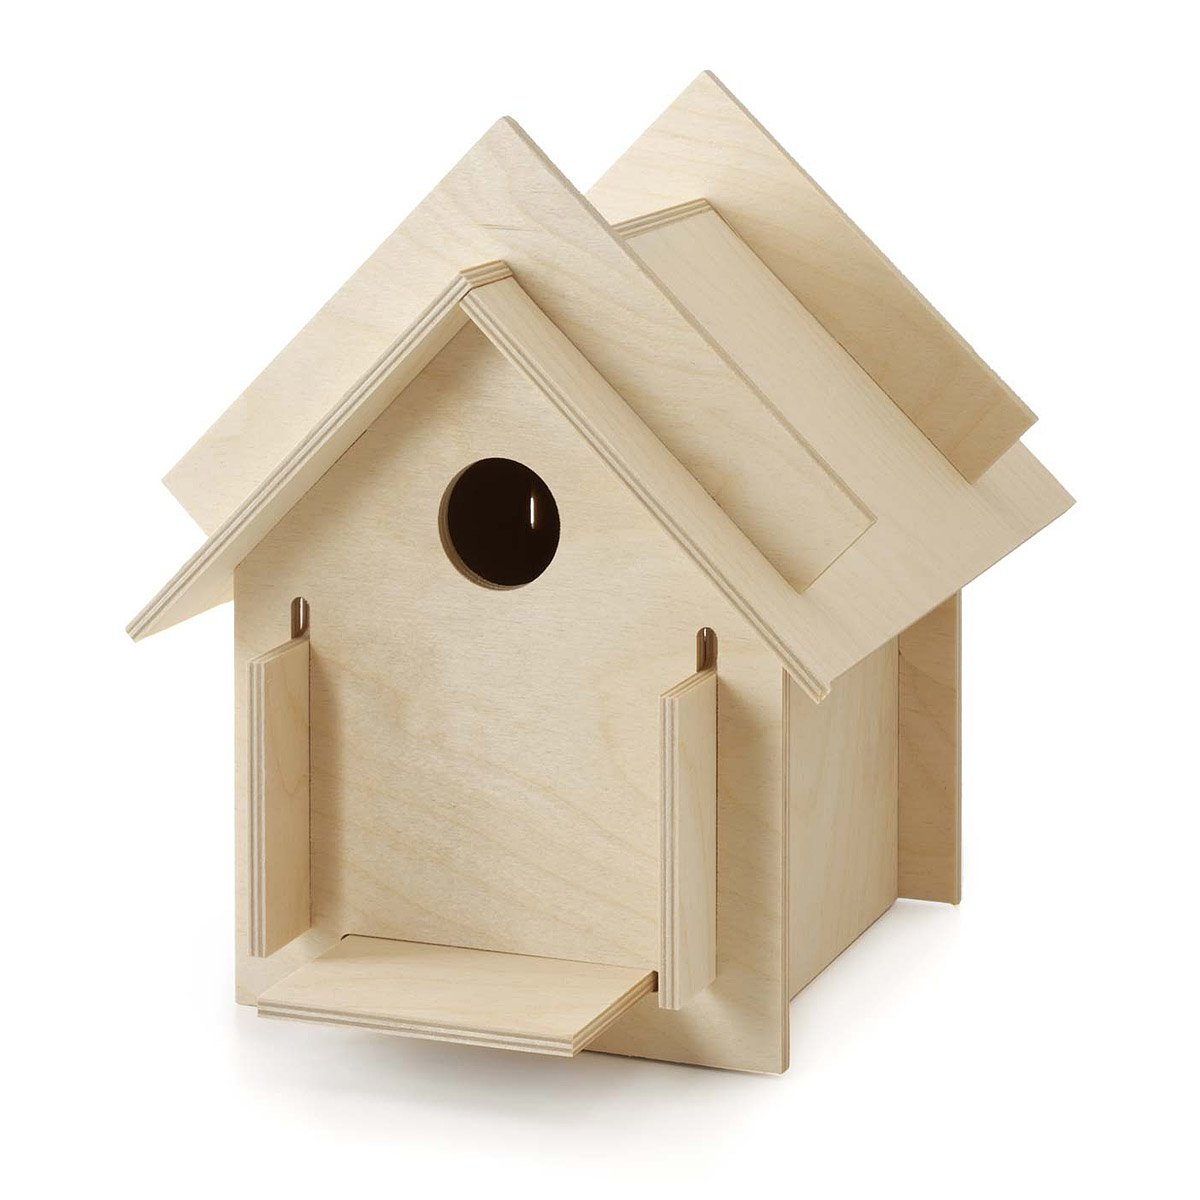 Birdhouse Box For The Birds Boxes Bird House Birdhouse Diy Snap